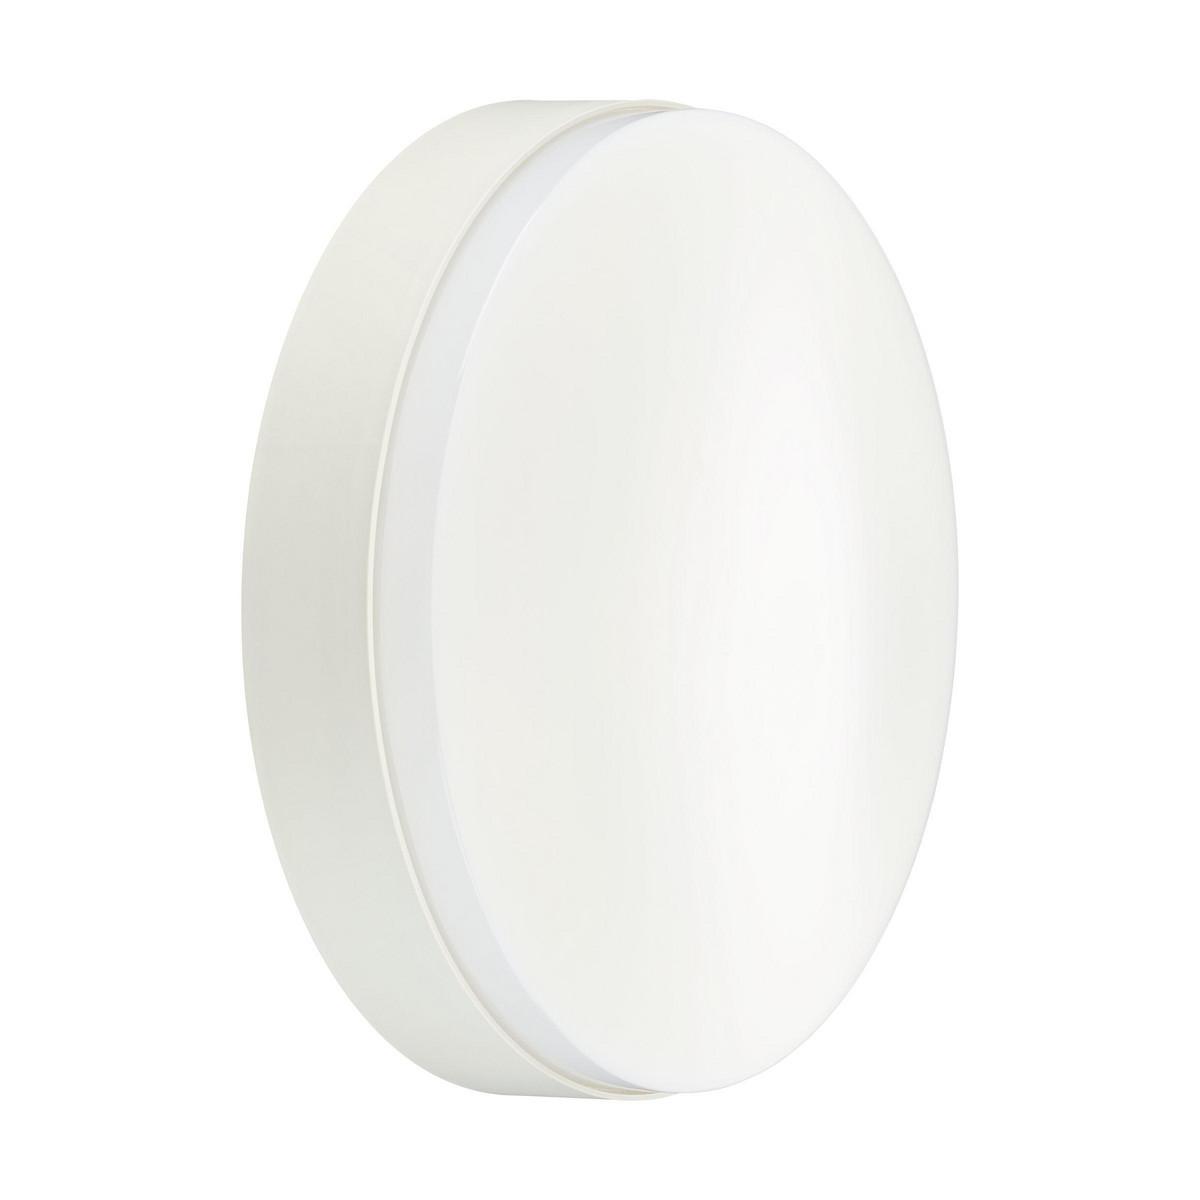 CoreLine Væg/loft Gen2 WL131V 3400lm/840 36W DALI Ø480 Hvid